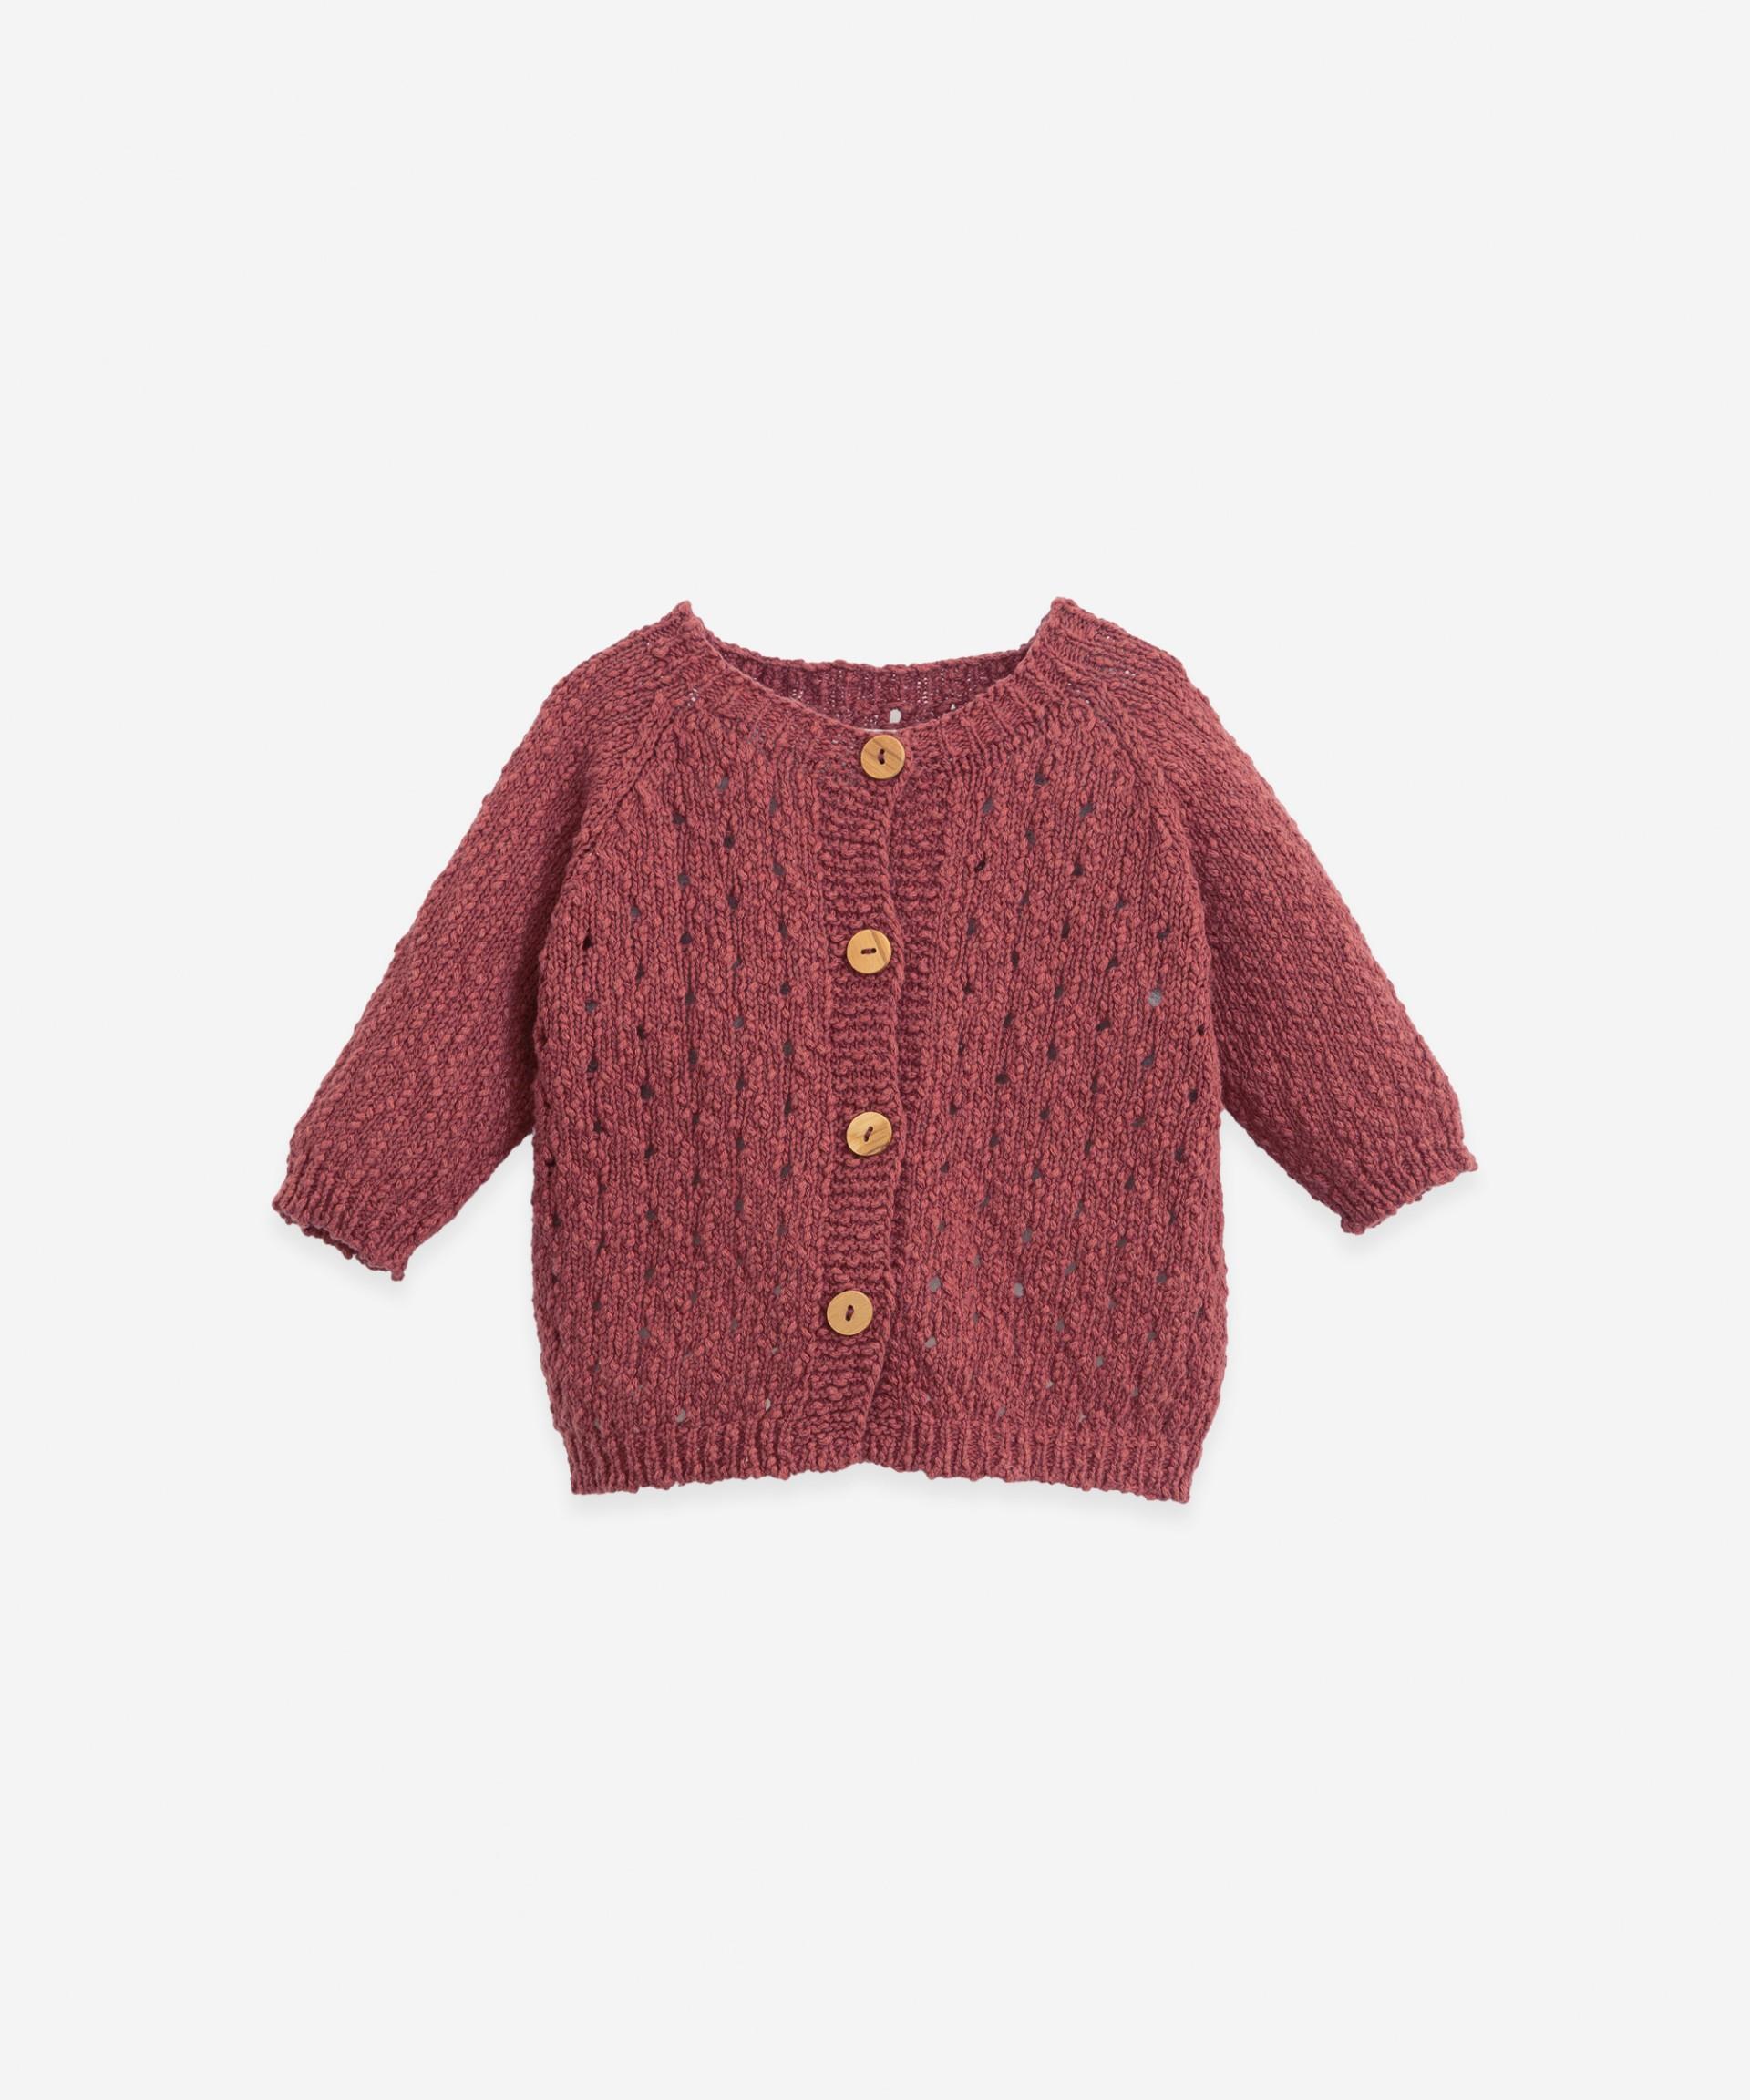 Casaco tricot com botões de madeira | Botany